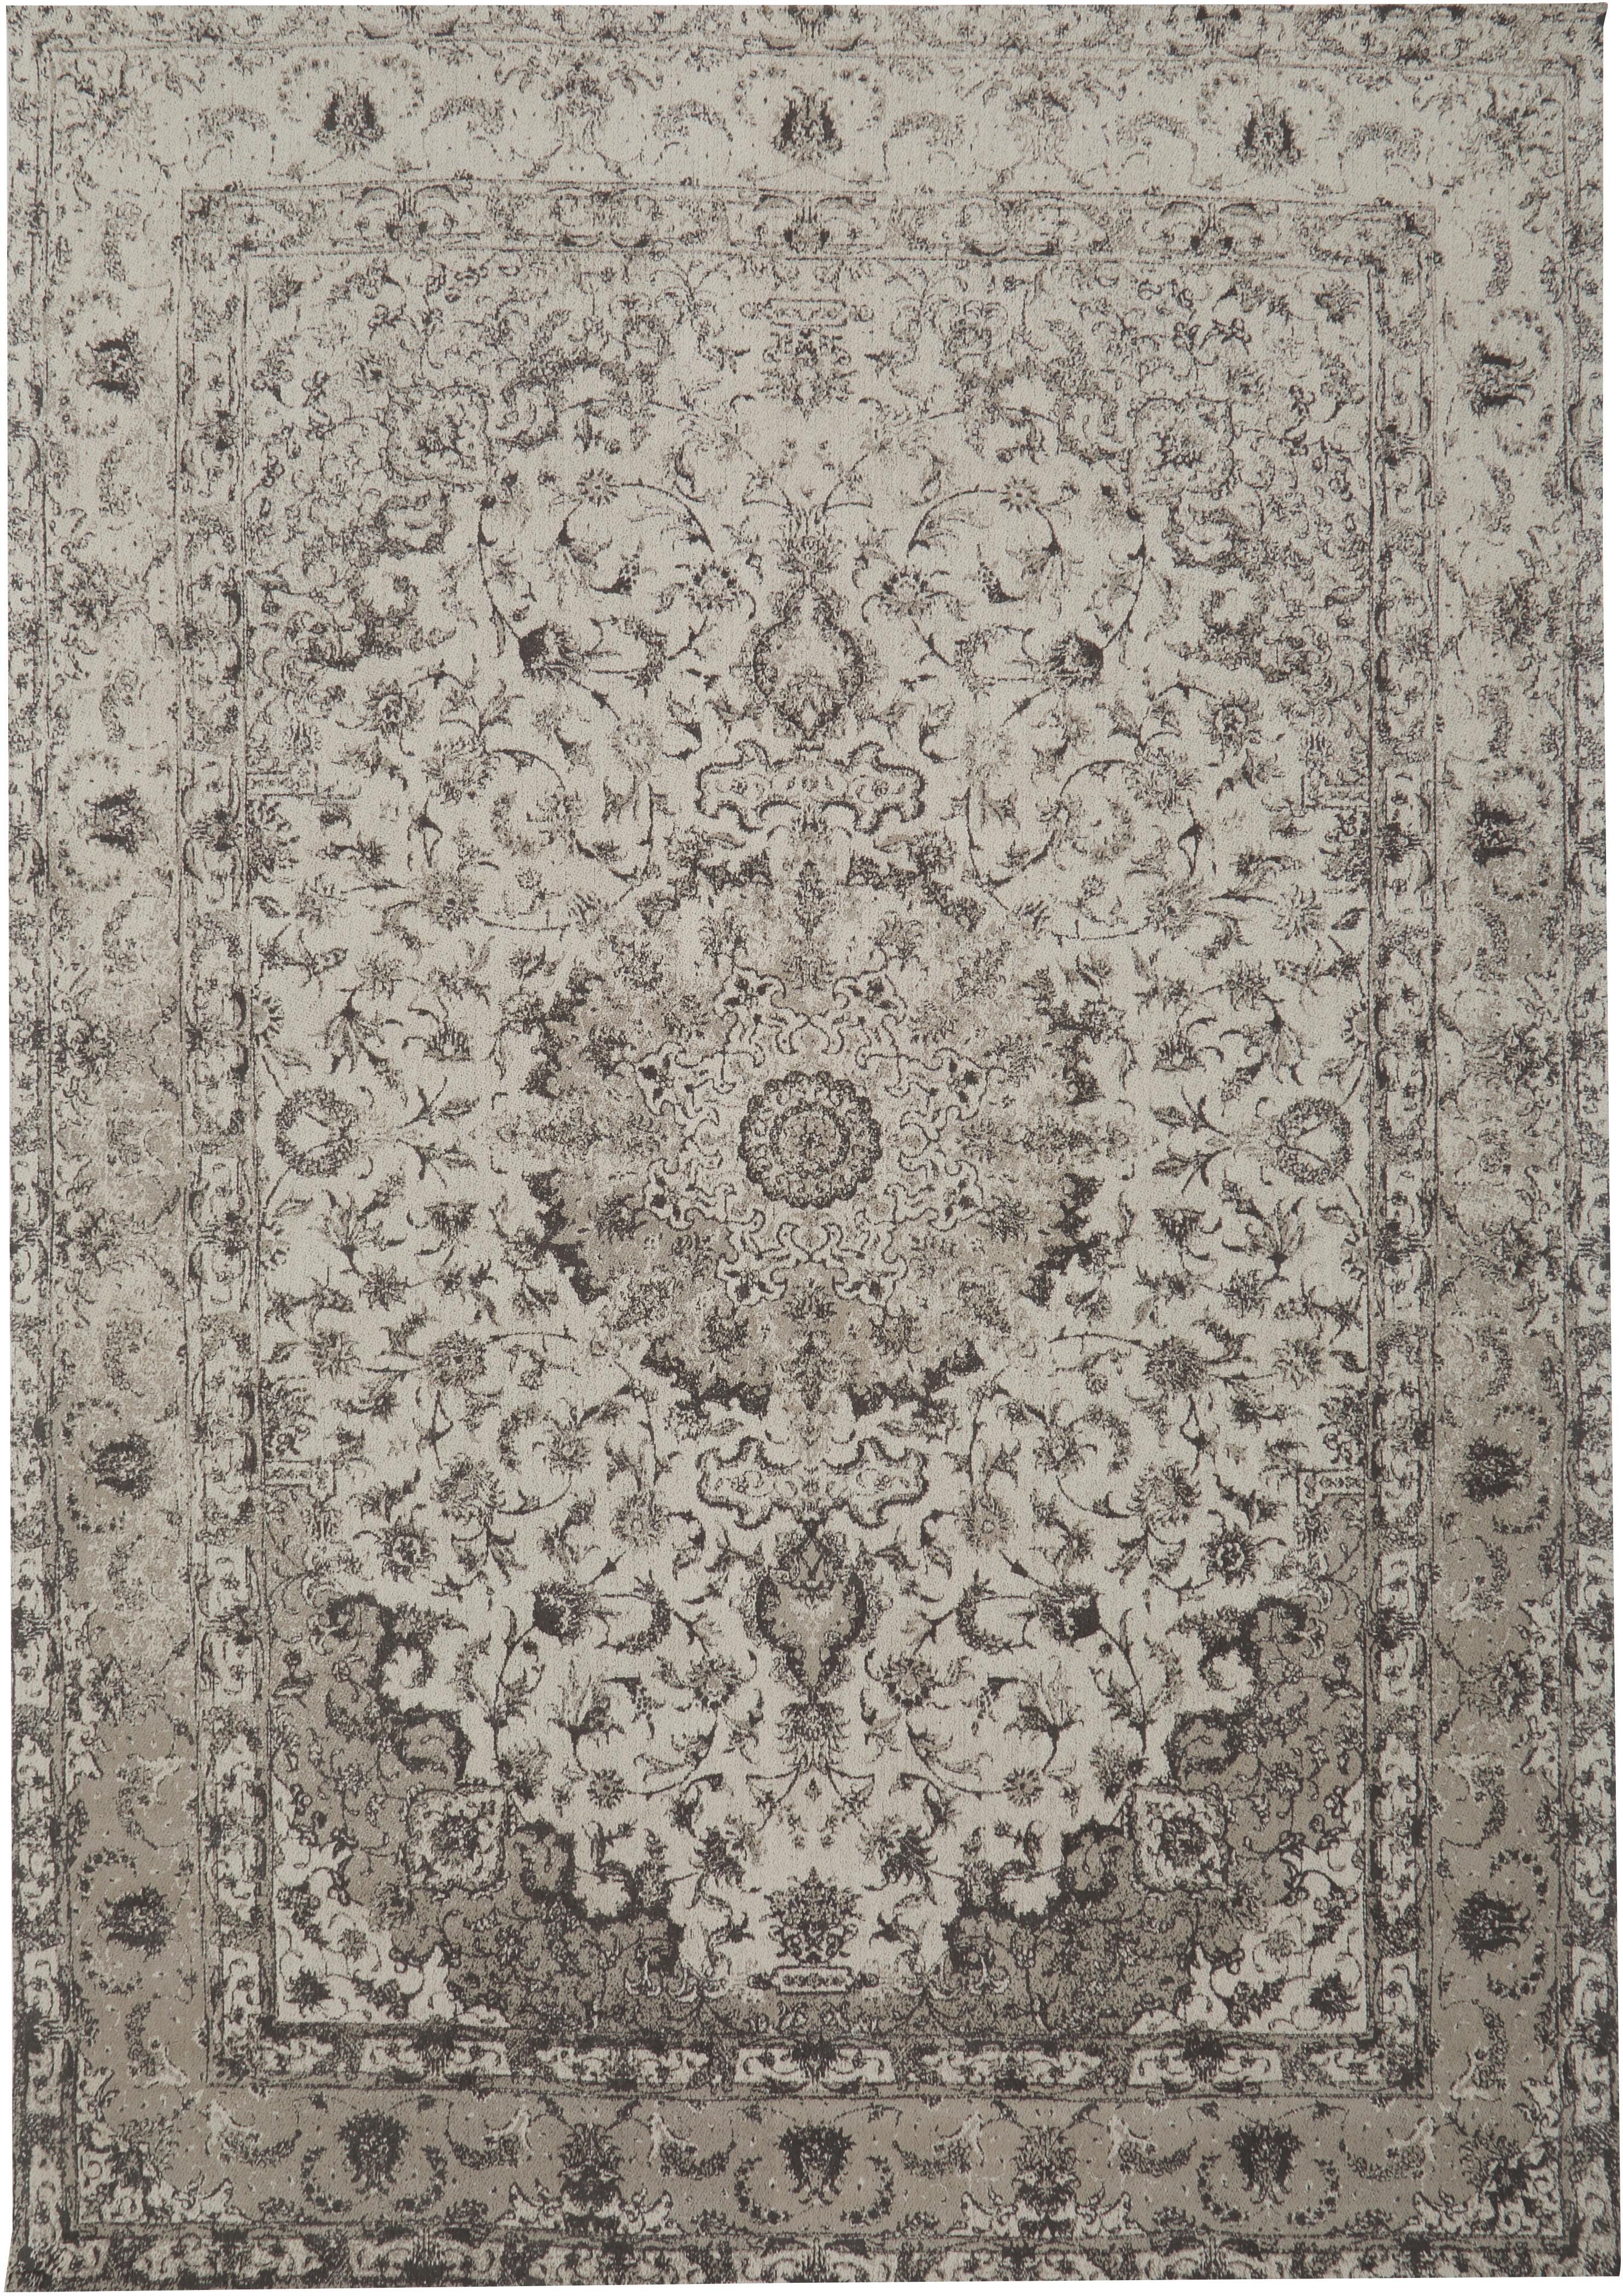 Handgeweven chenille vloerkleed Sofia, Bovenzijde: 95% katoen, 5% polyester, Onderzijde: 100% katoen, Beige, grijs, 160 x 230 cm